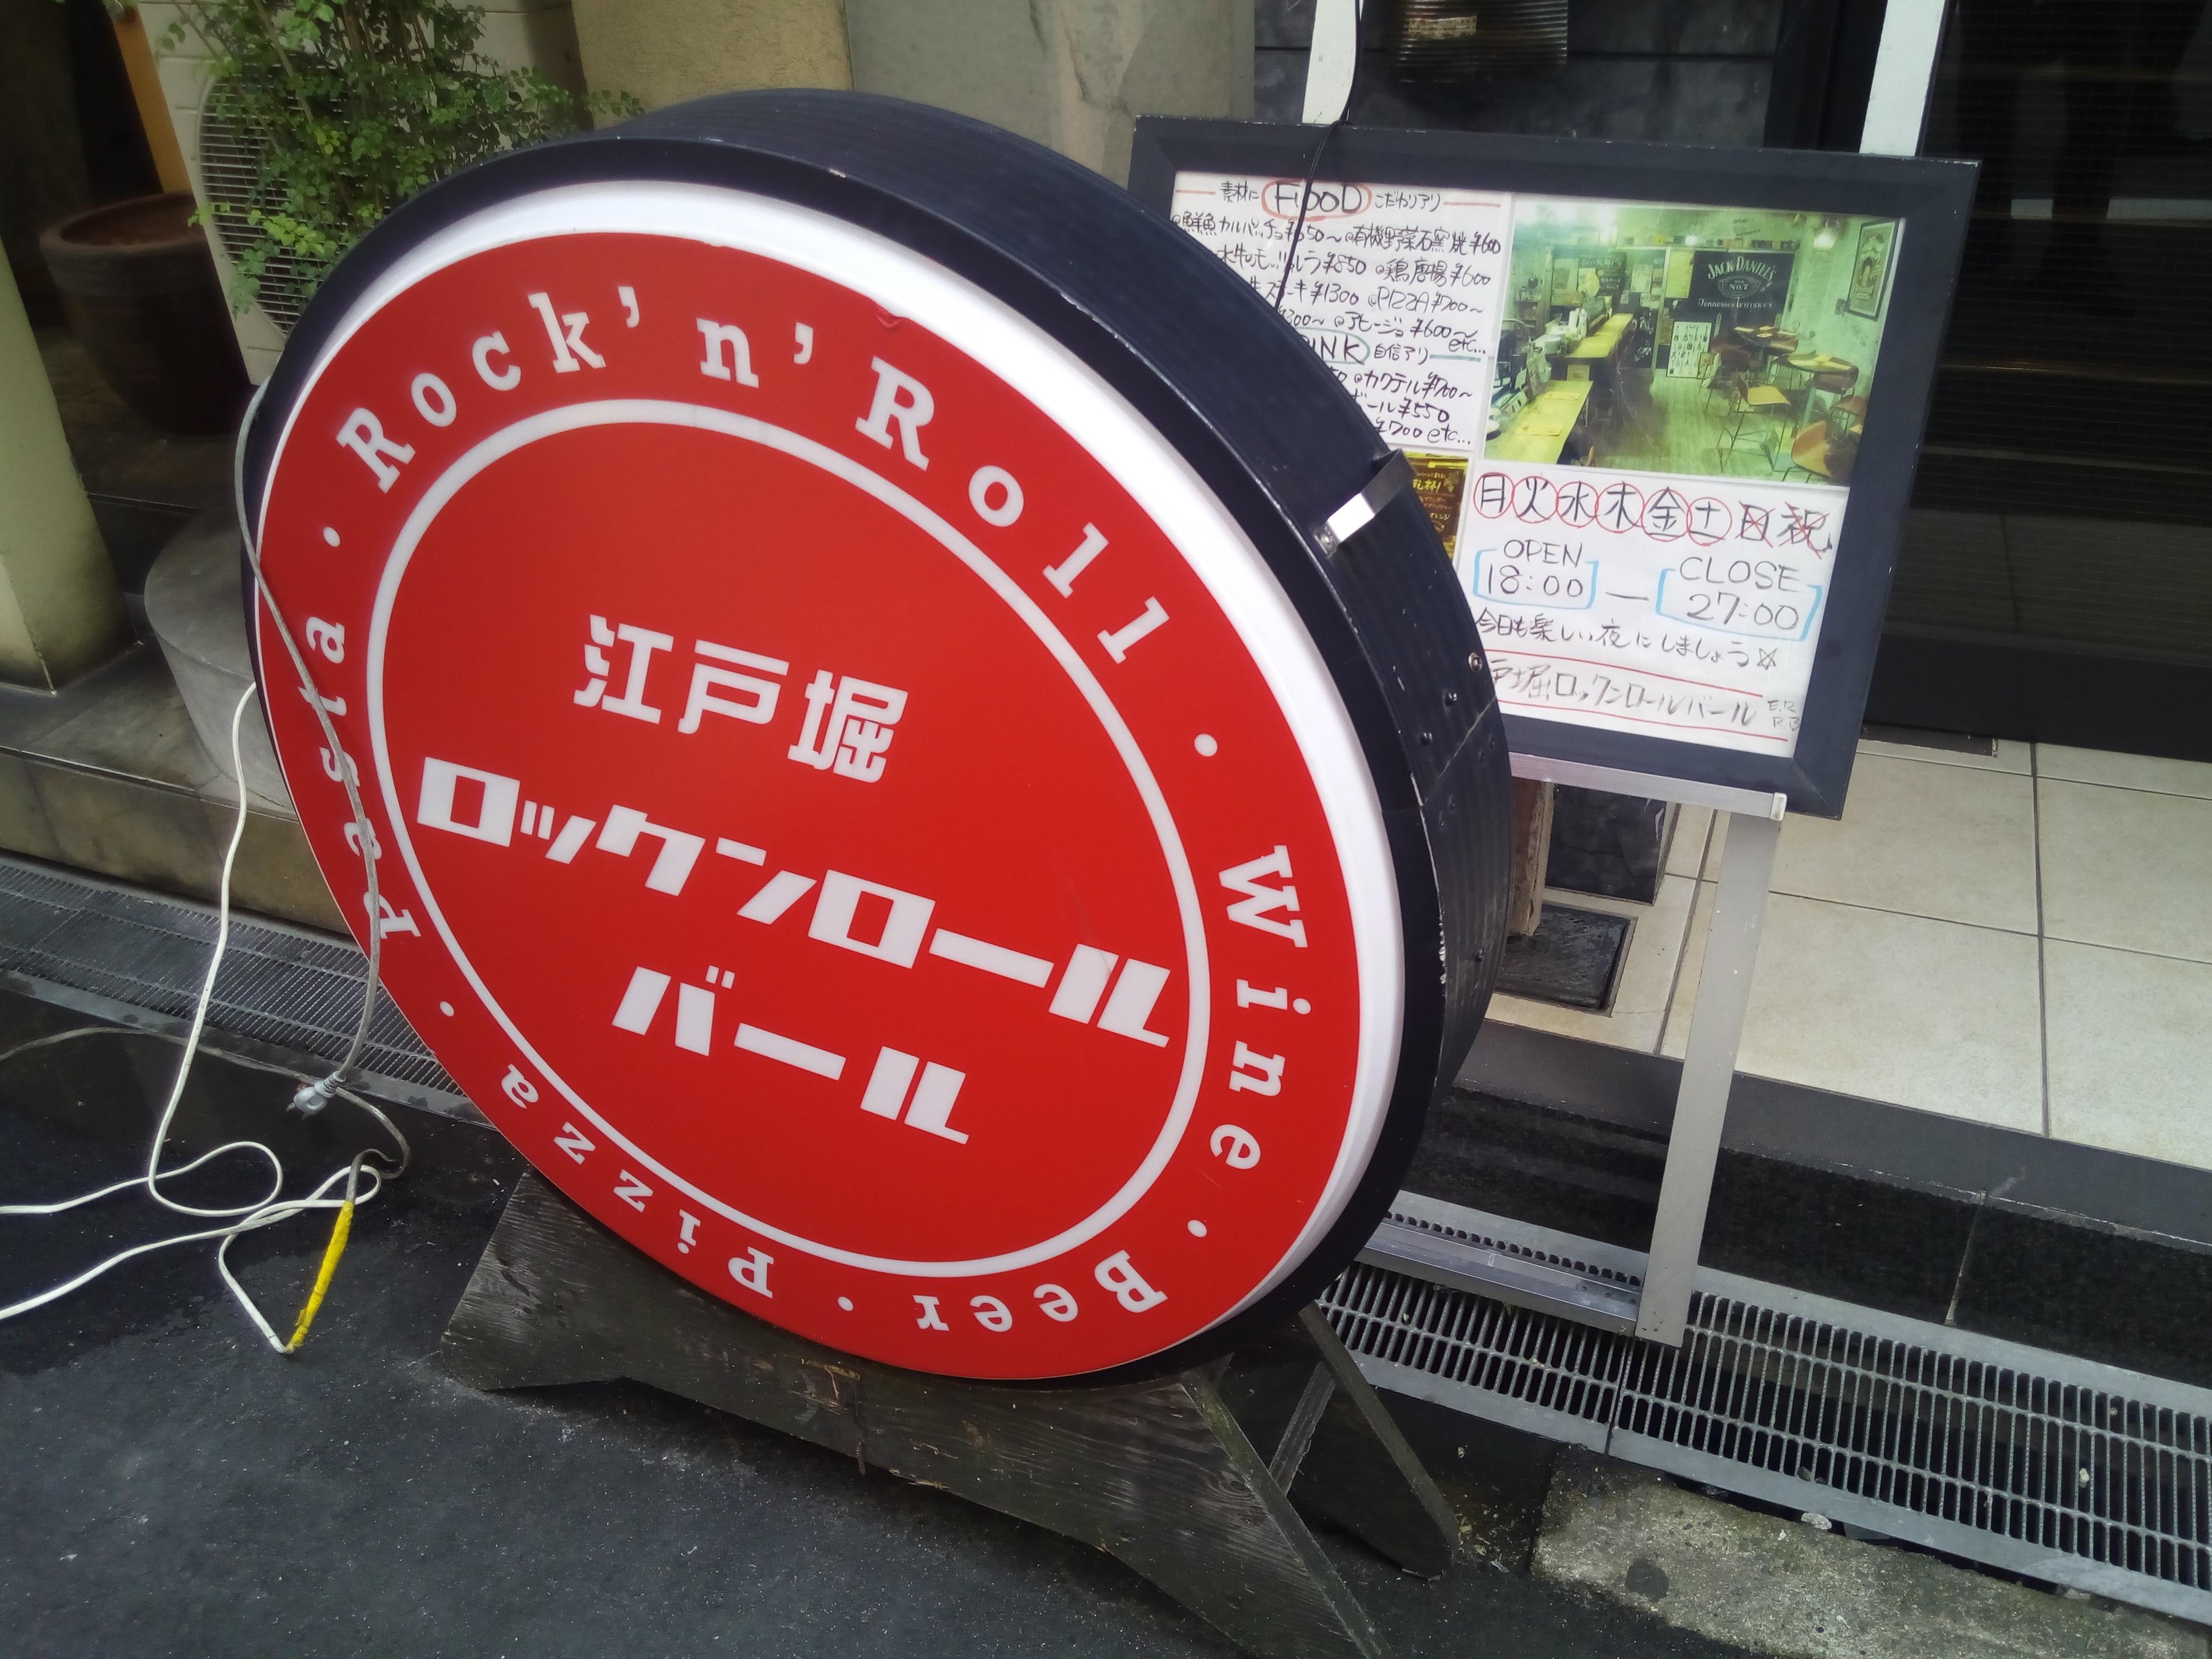 ロックなバーでハンバーガーランチ 江戸堀ロックンロールバール